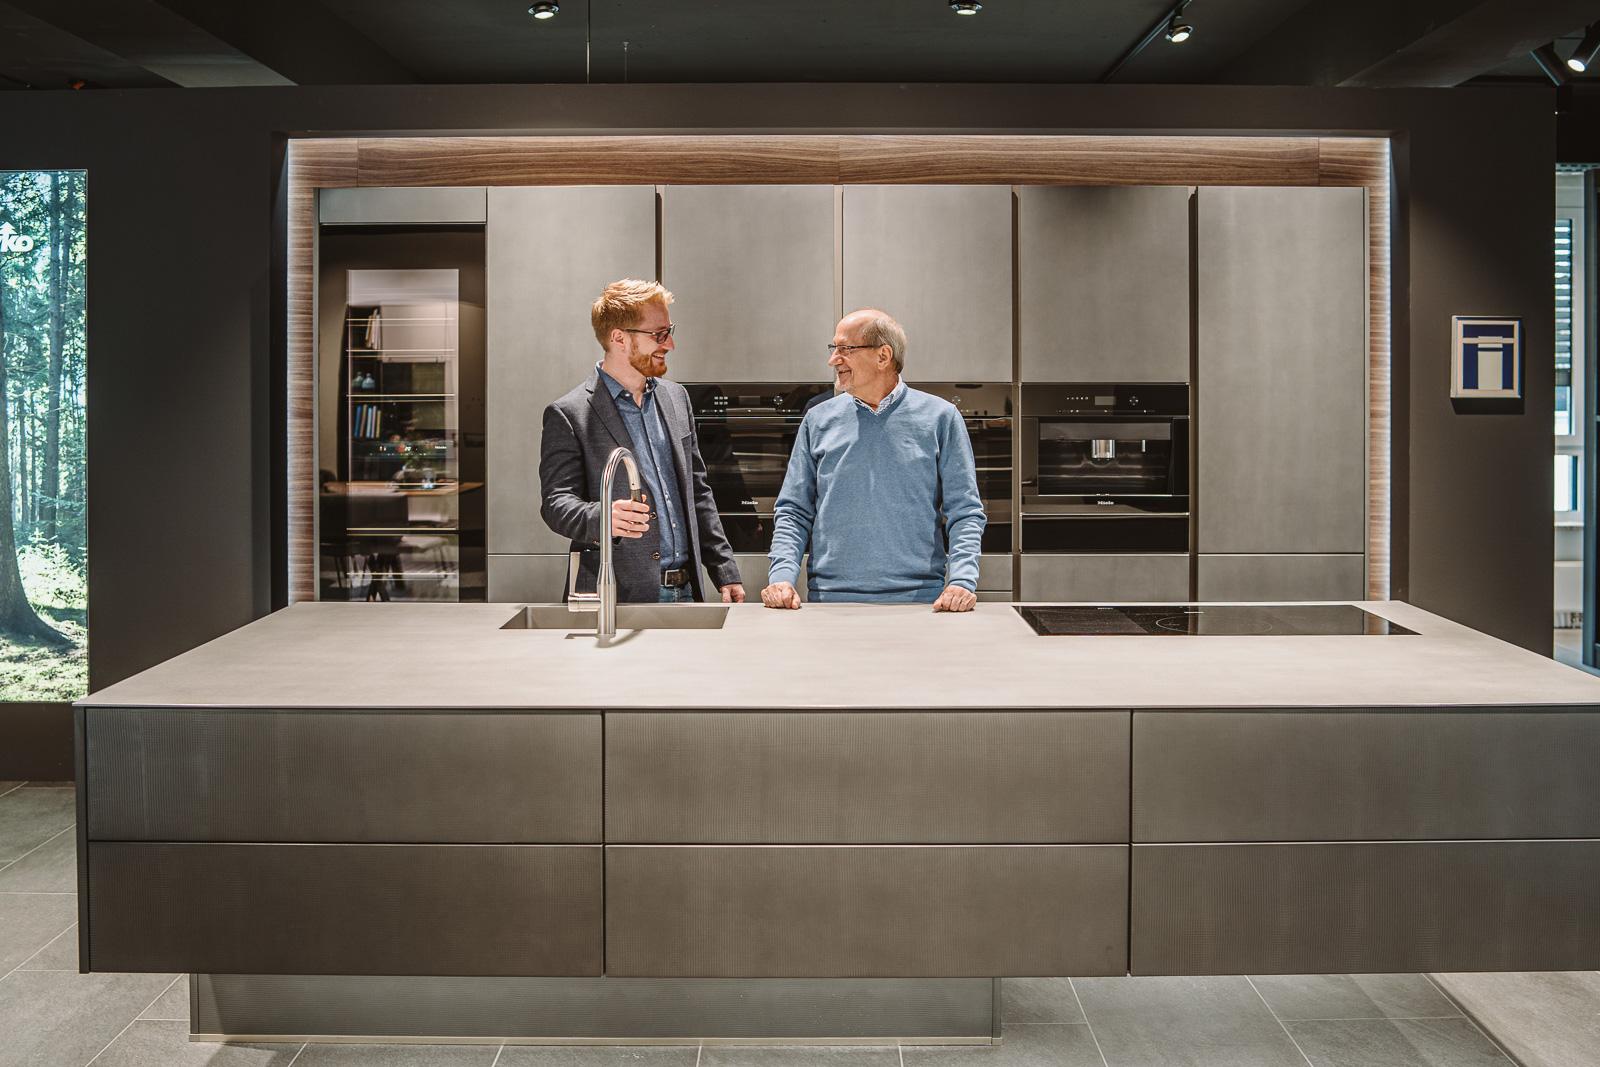 Küchen Galerie Bonn Christian Schröter mit Vater an schwebender Küche - Businessshooting Bernadett Yehdou